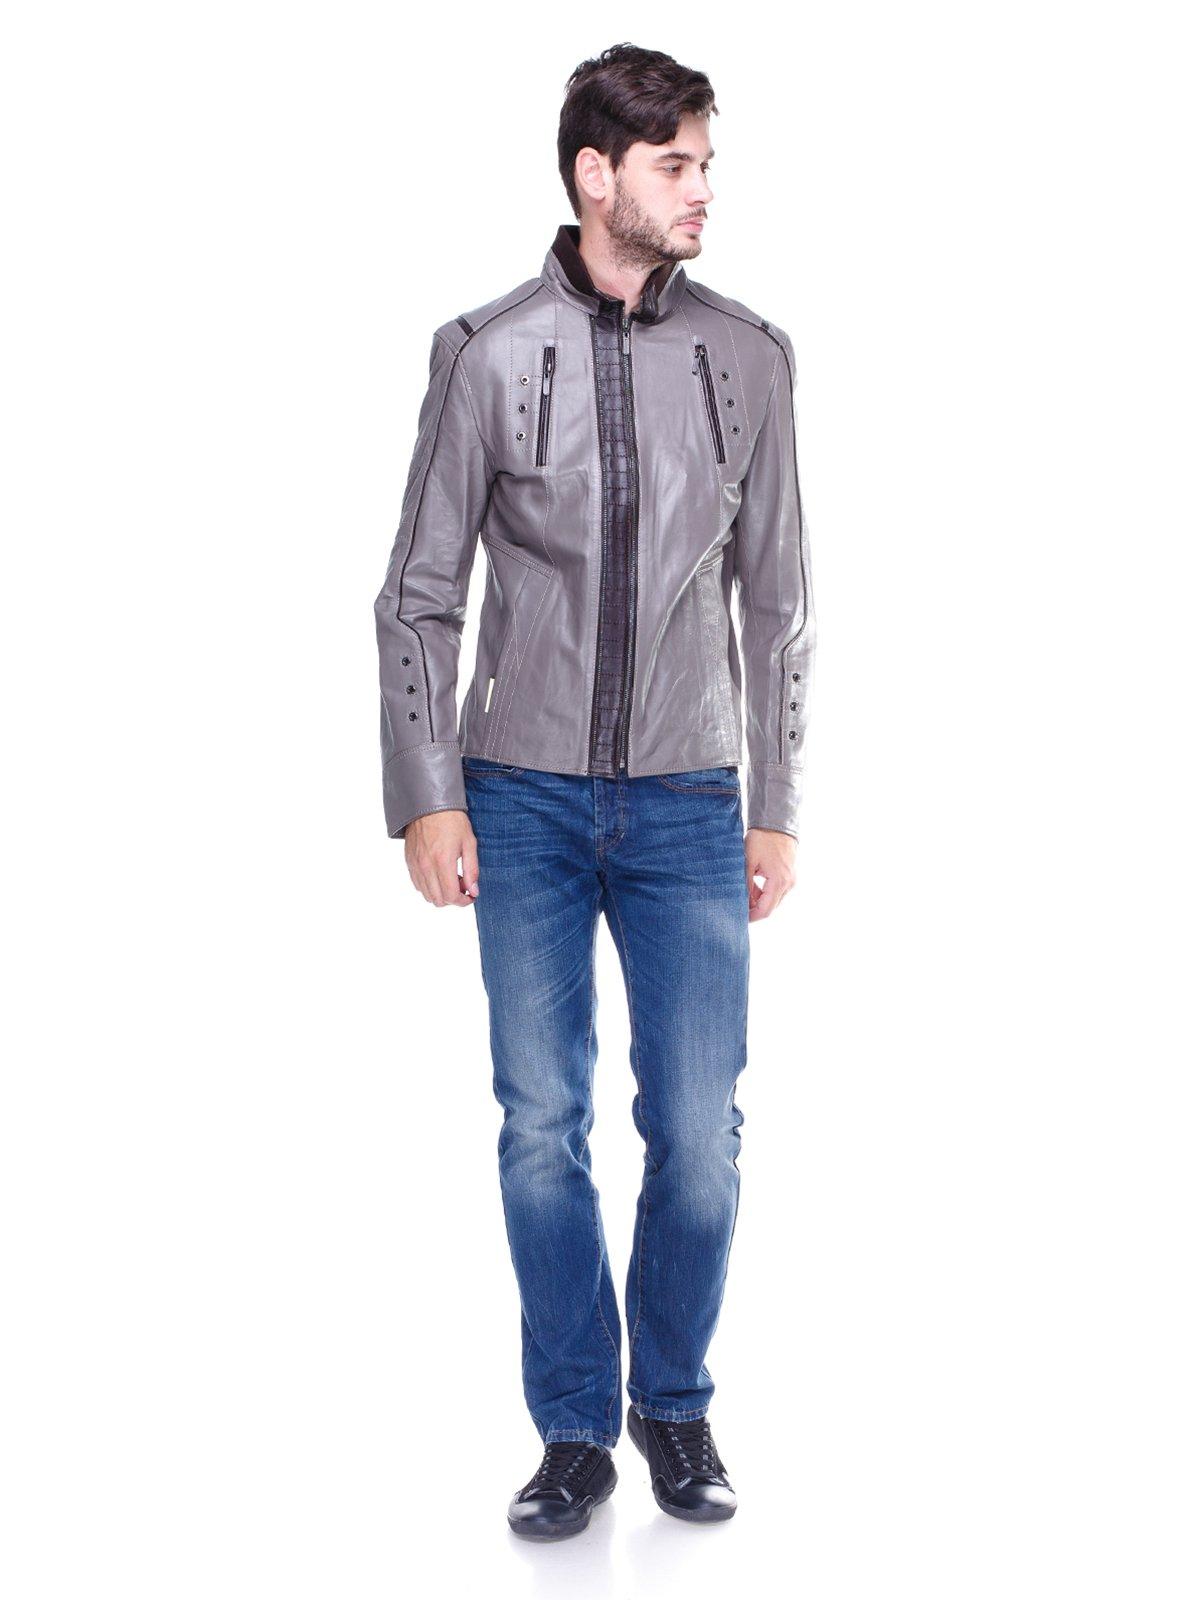 Куртка сіра з контрастним оздобленням і люверсами | 1830342 | фото 4